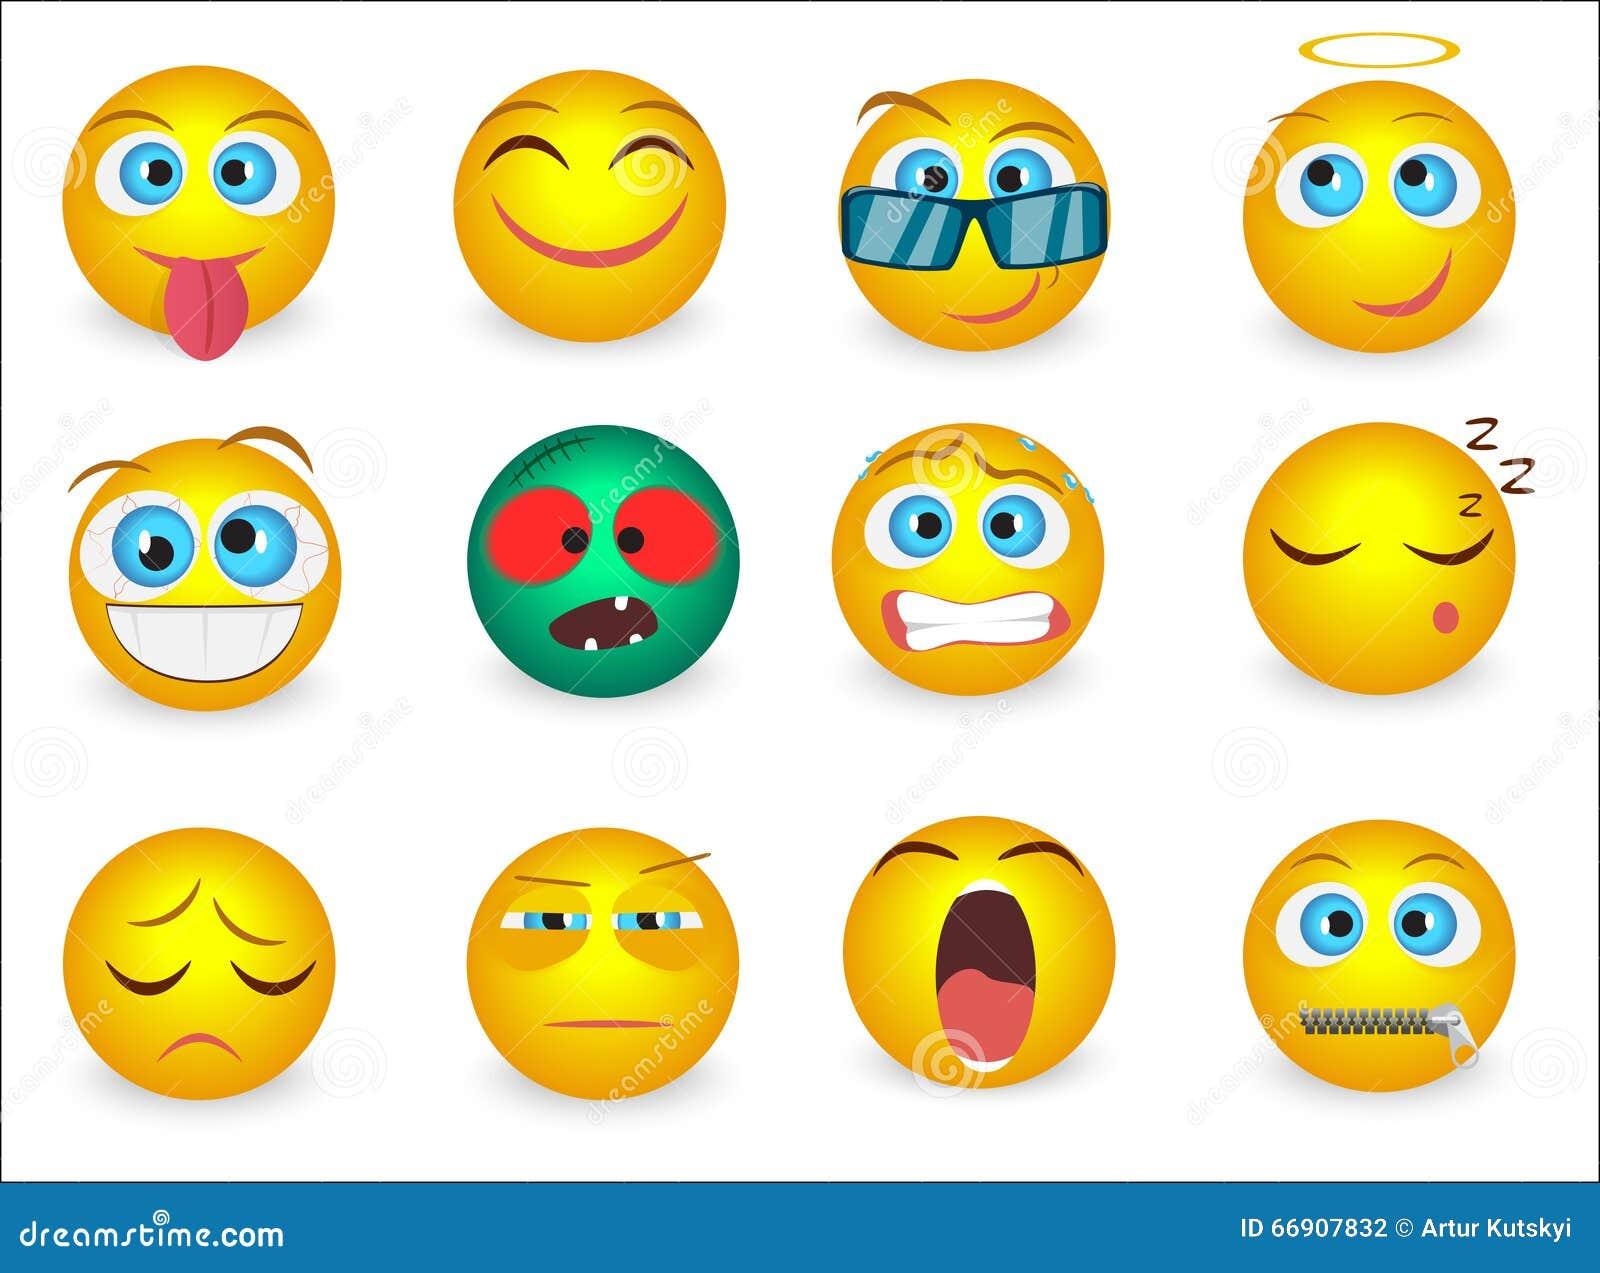 Emoji Icons Vector | www.pixshark.com - Images Galleries ...